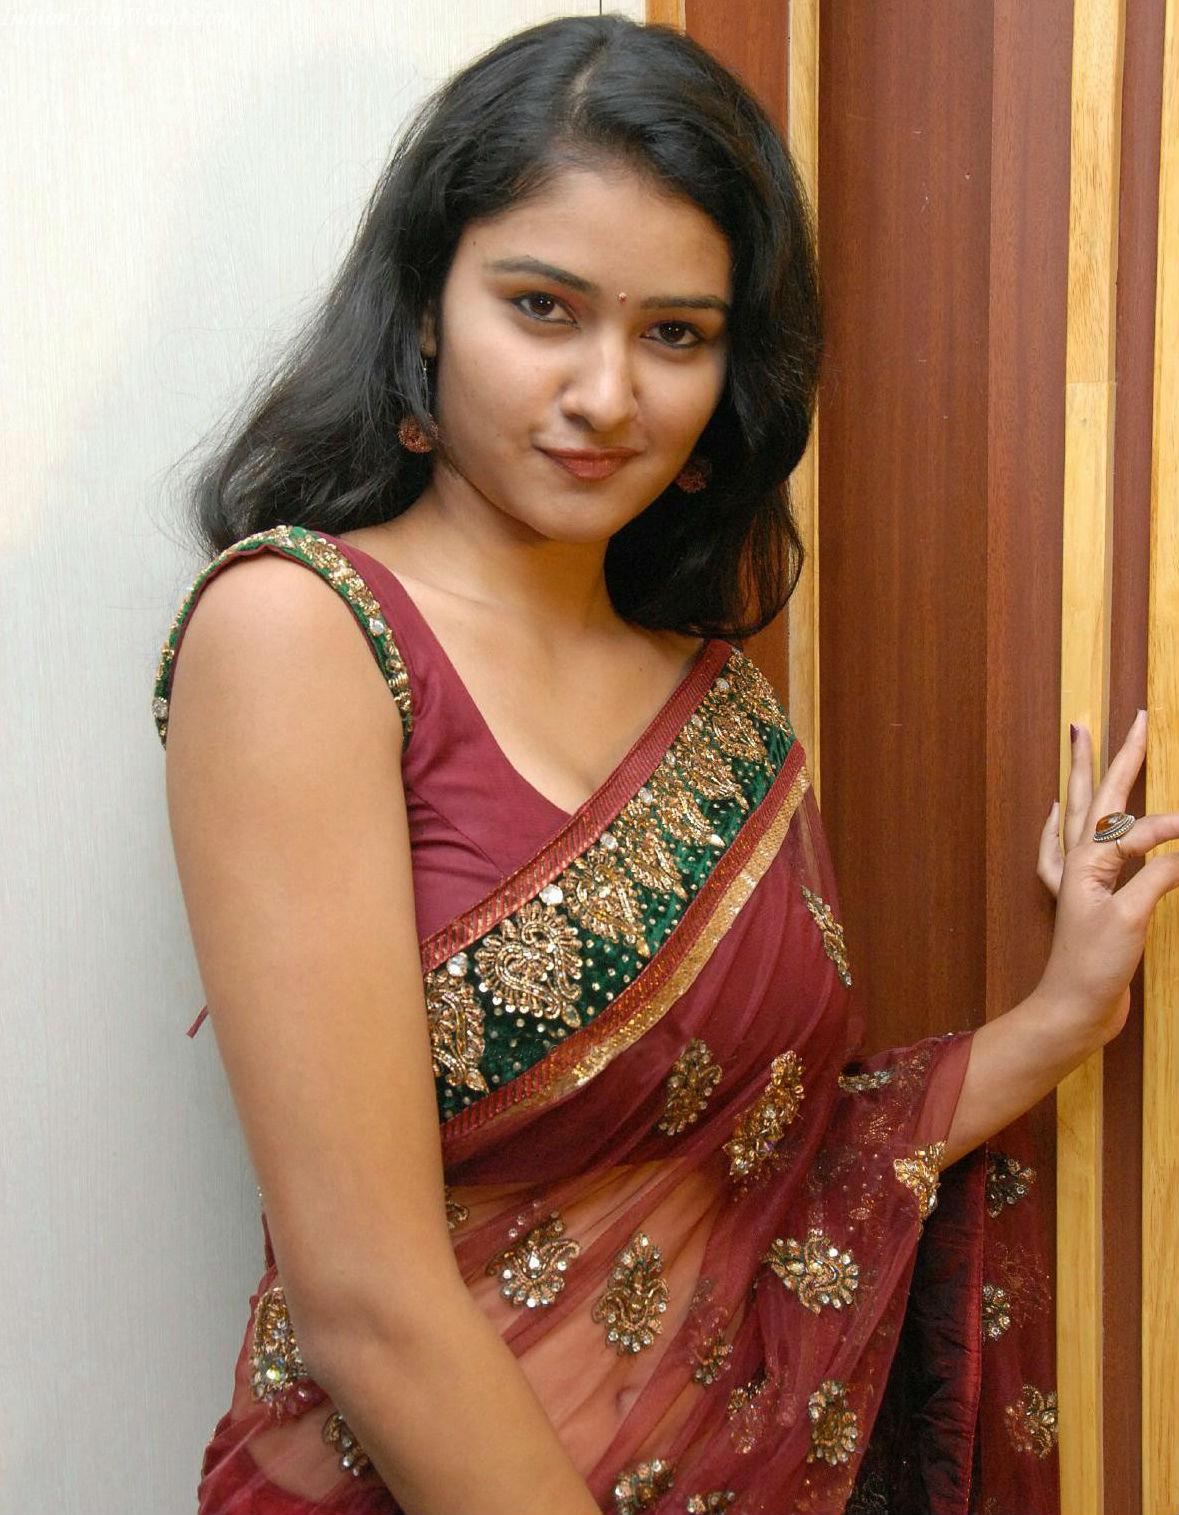 Transparent Saree: Saree Market: Transparent Sares Maroon Colours Pictures